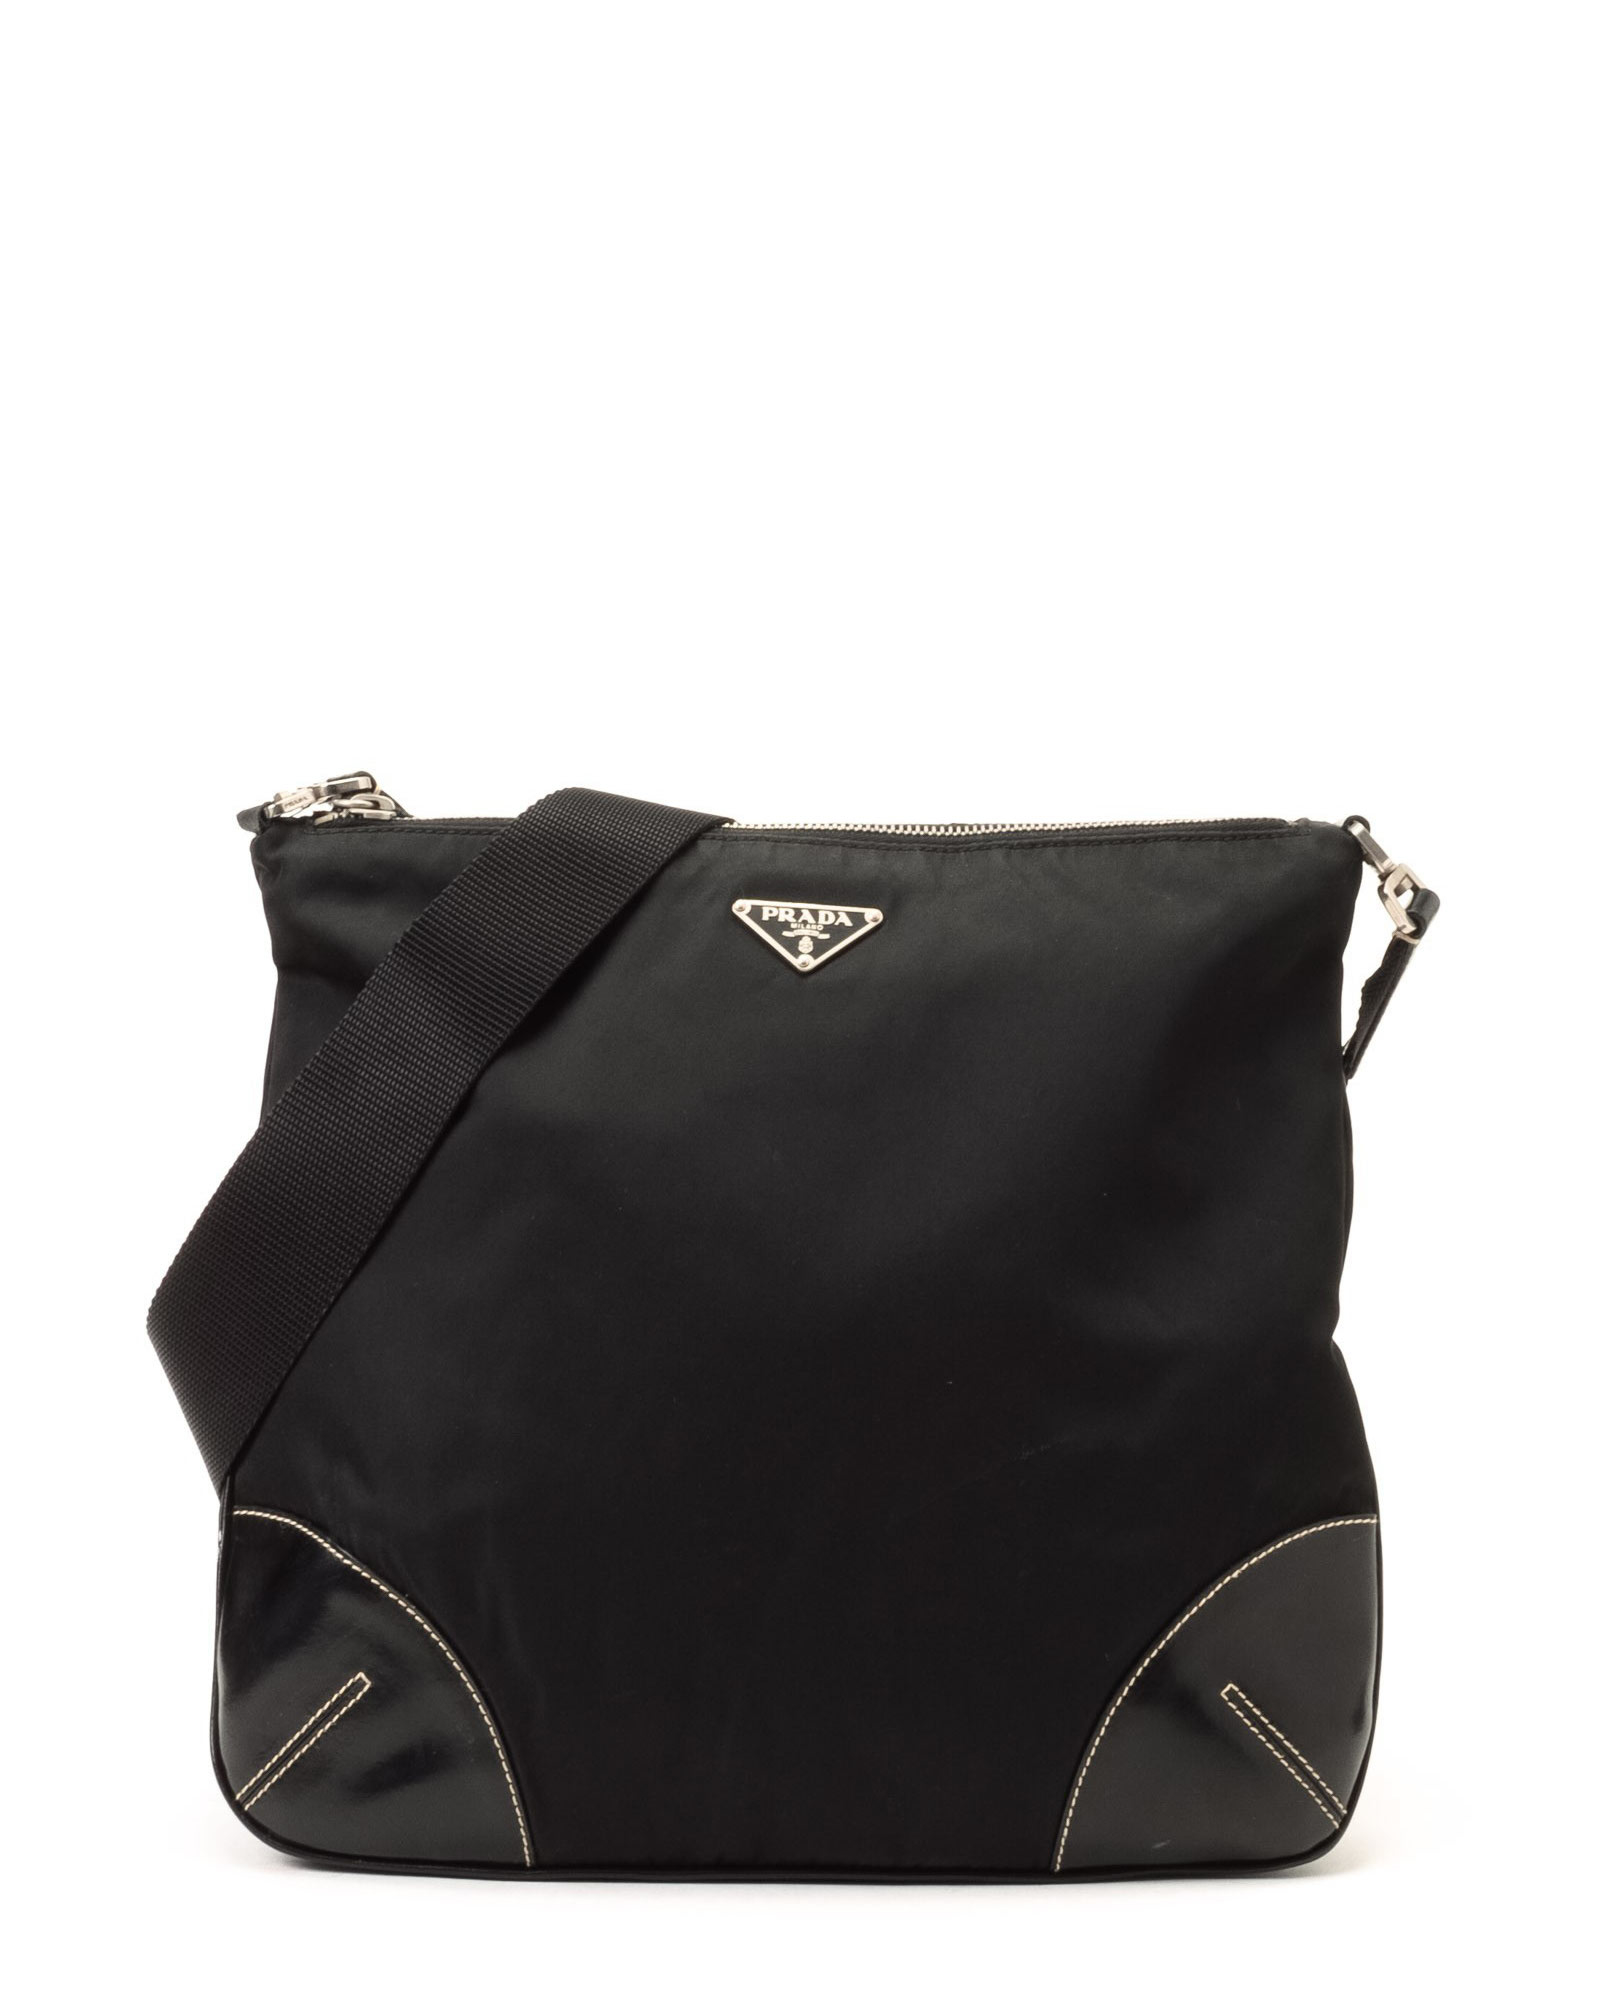 prada saffiano lux tote bag pink - prada python tessuto shoulder bag, www prada handbag com